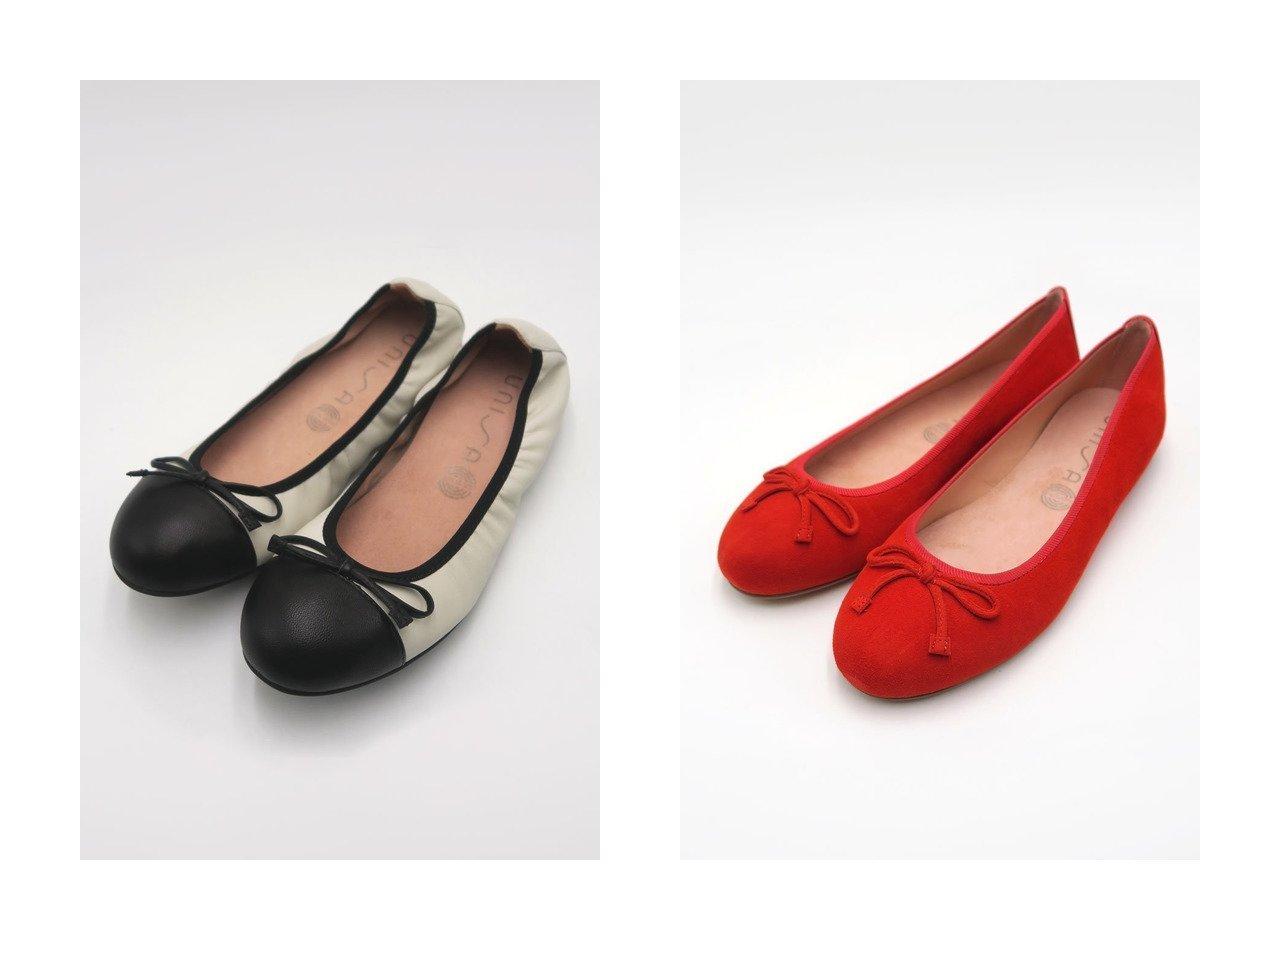 【Esmeralda/エスメラルダ】の【UNISA】ソフトラウンドバレエシューズ&【UNISA】ラウンドリボンバレエシューズ シューズ・靴のおすすめ!人気、トレンド・レディースファッションの通販  おすすめで人気の流行・トレンド、ファッションの通販商品 メンズファッション・キッズファッション・インテリア・家具・レディースファッション・服の通販 founy(ファニー) https://founy.com/ ファッション Fashion レディースファッション WOMEN 2020年 2020 2020-2021 秋冬 A/W AW Autumn/Winter / FW Fall-Winter 2020-2021 2021年 2021 2021 春夏 S/S SS Spring/Summer 2021 シューズ バレエ フラット モチーフ リボン 切替 春 Spring A/W 秋冬 AW Autumn/Winter / FW Fall-Winter |ID:crp329100000010816